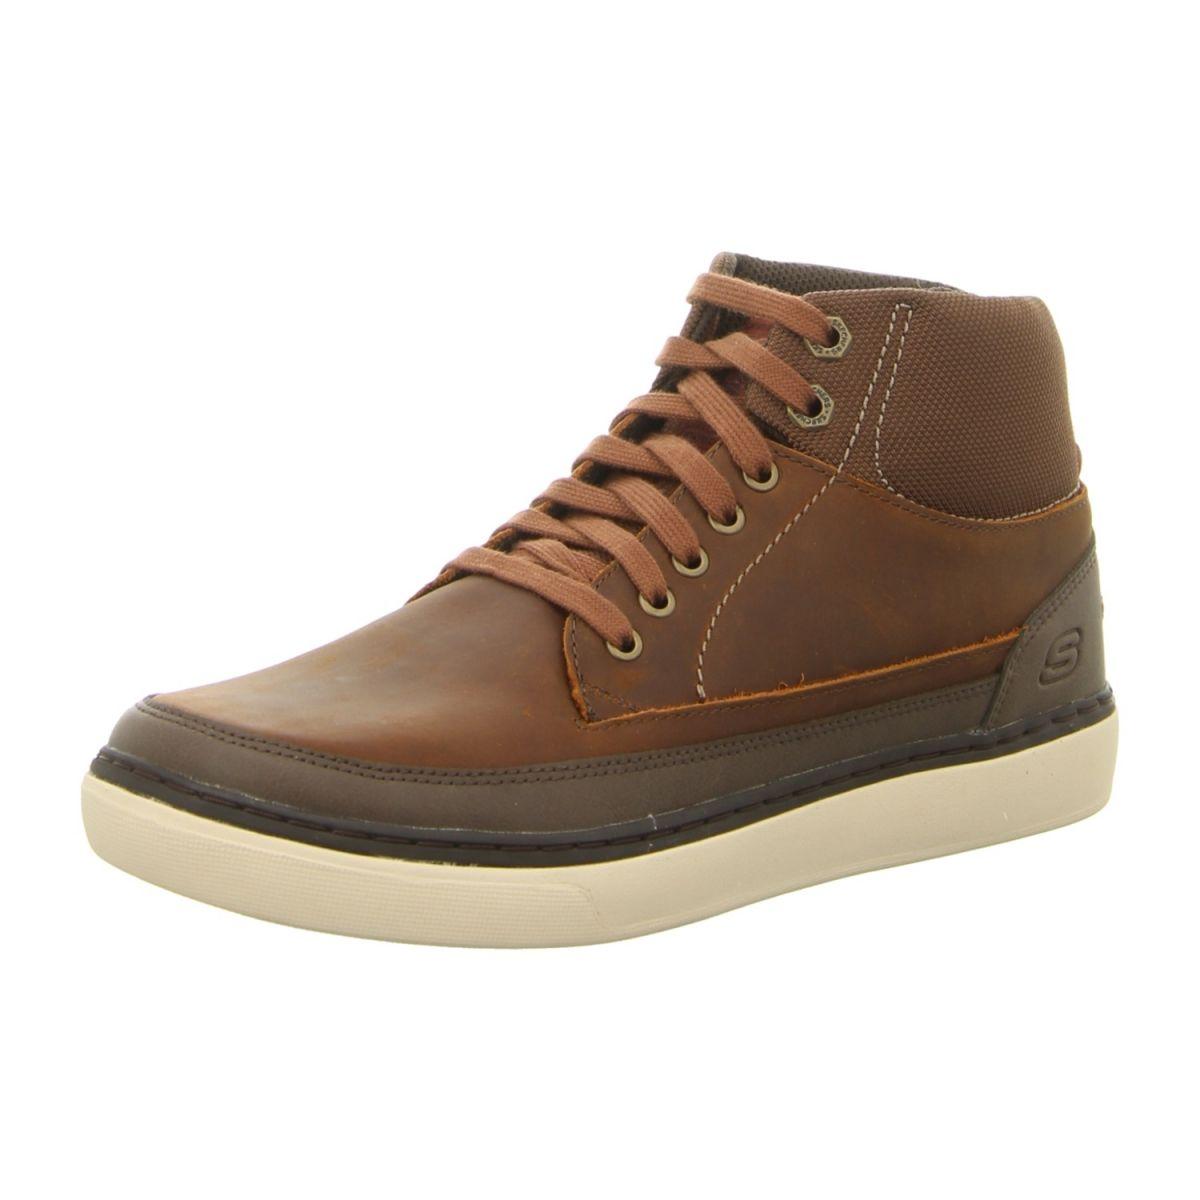 SKECHERS SKECHERS Palen Bower Sneakers schwarz Leder Herren